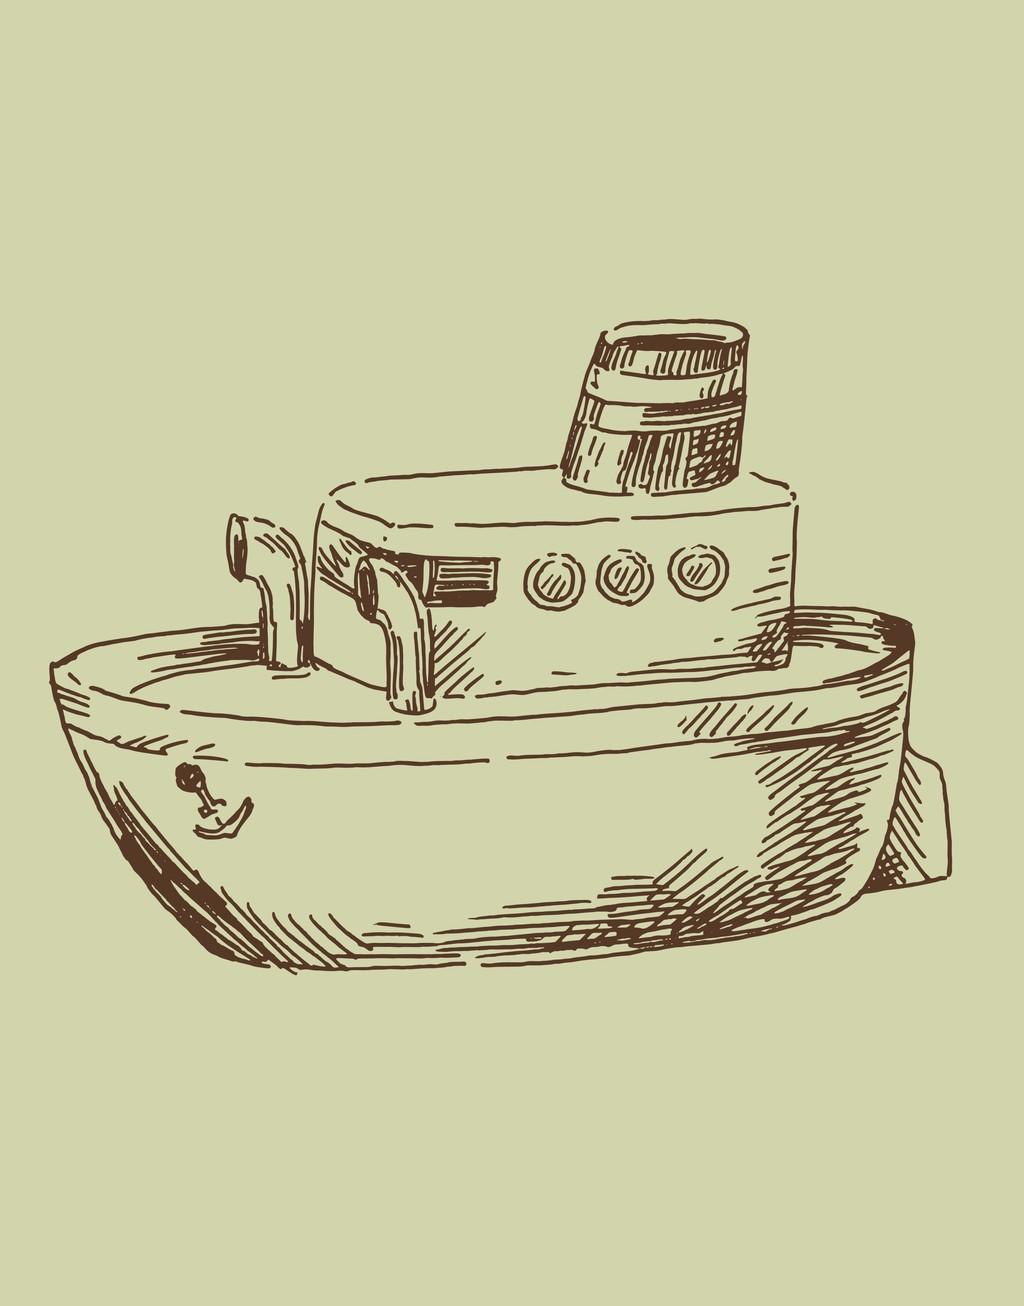 轮船手绘船舶